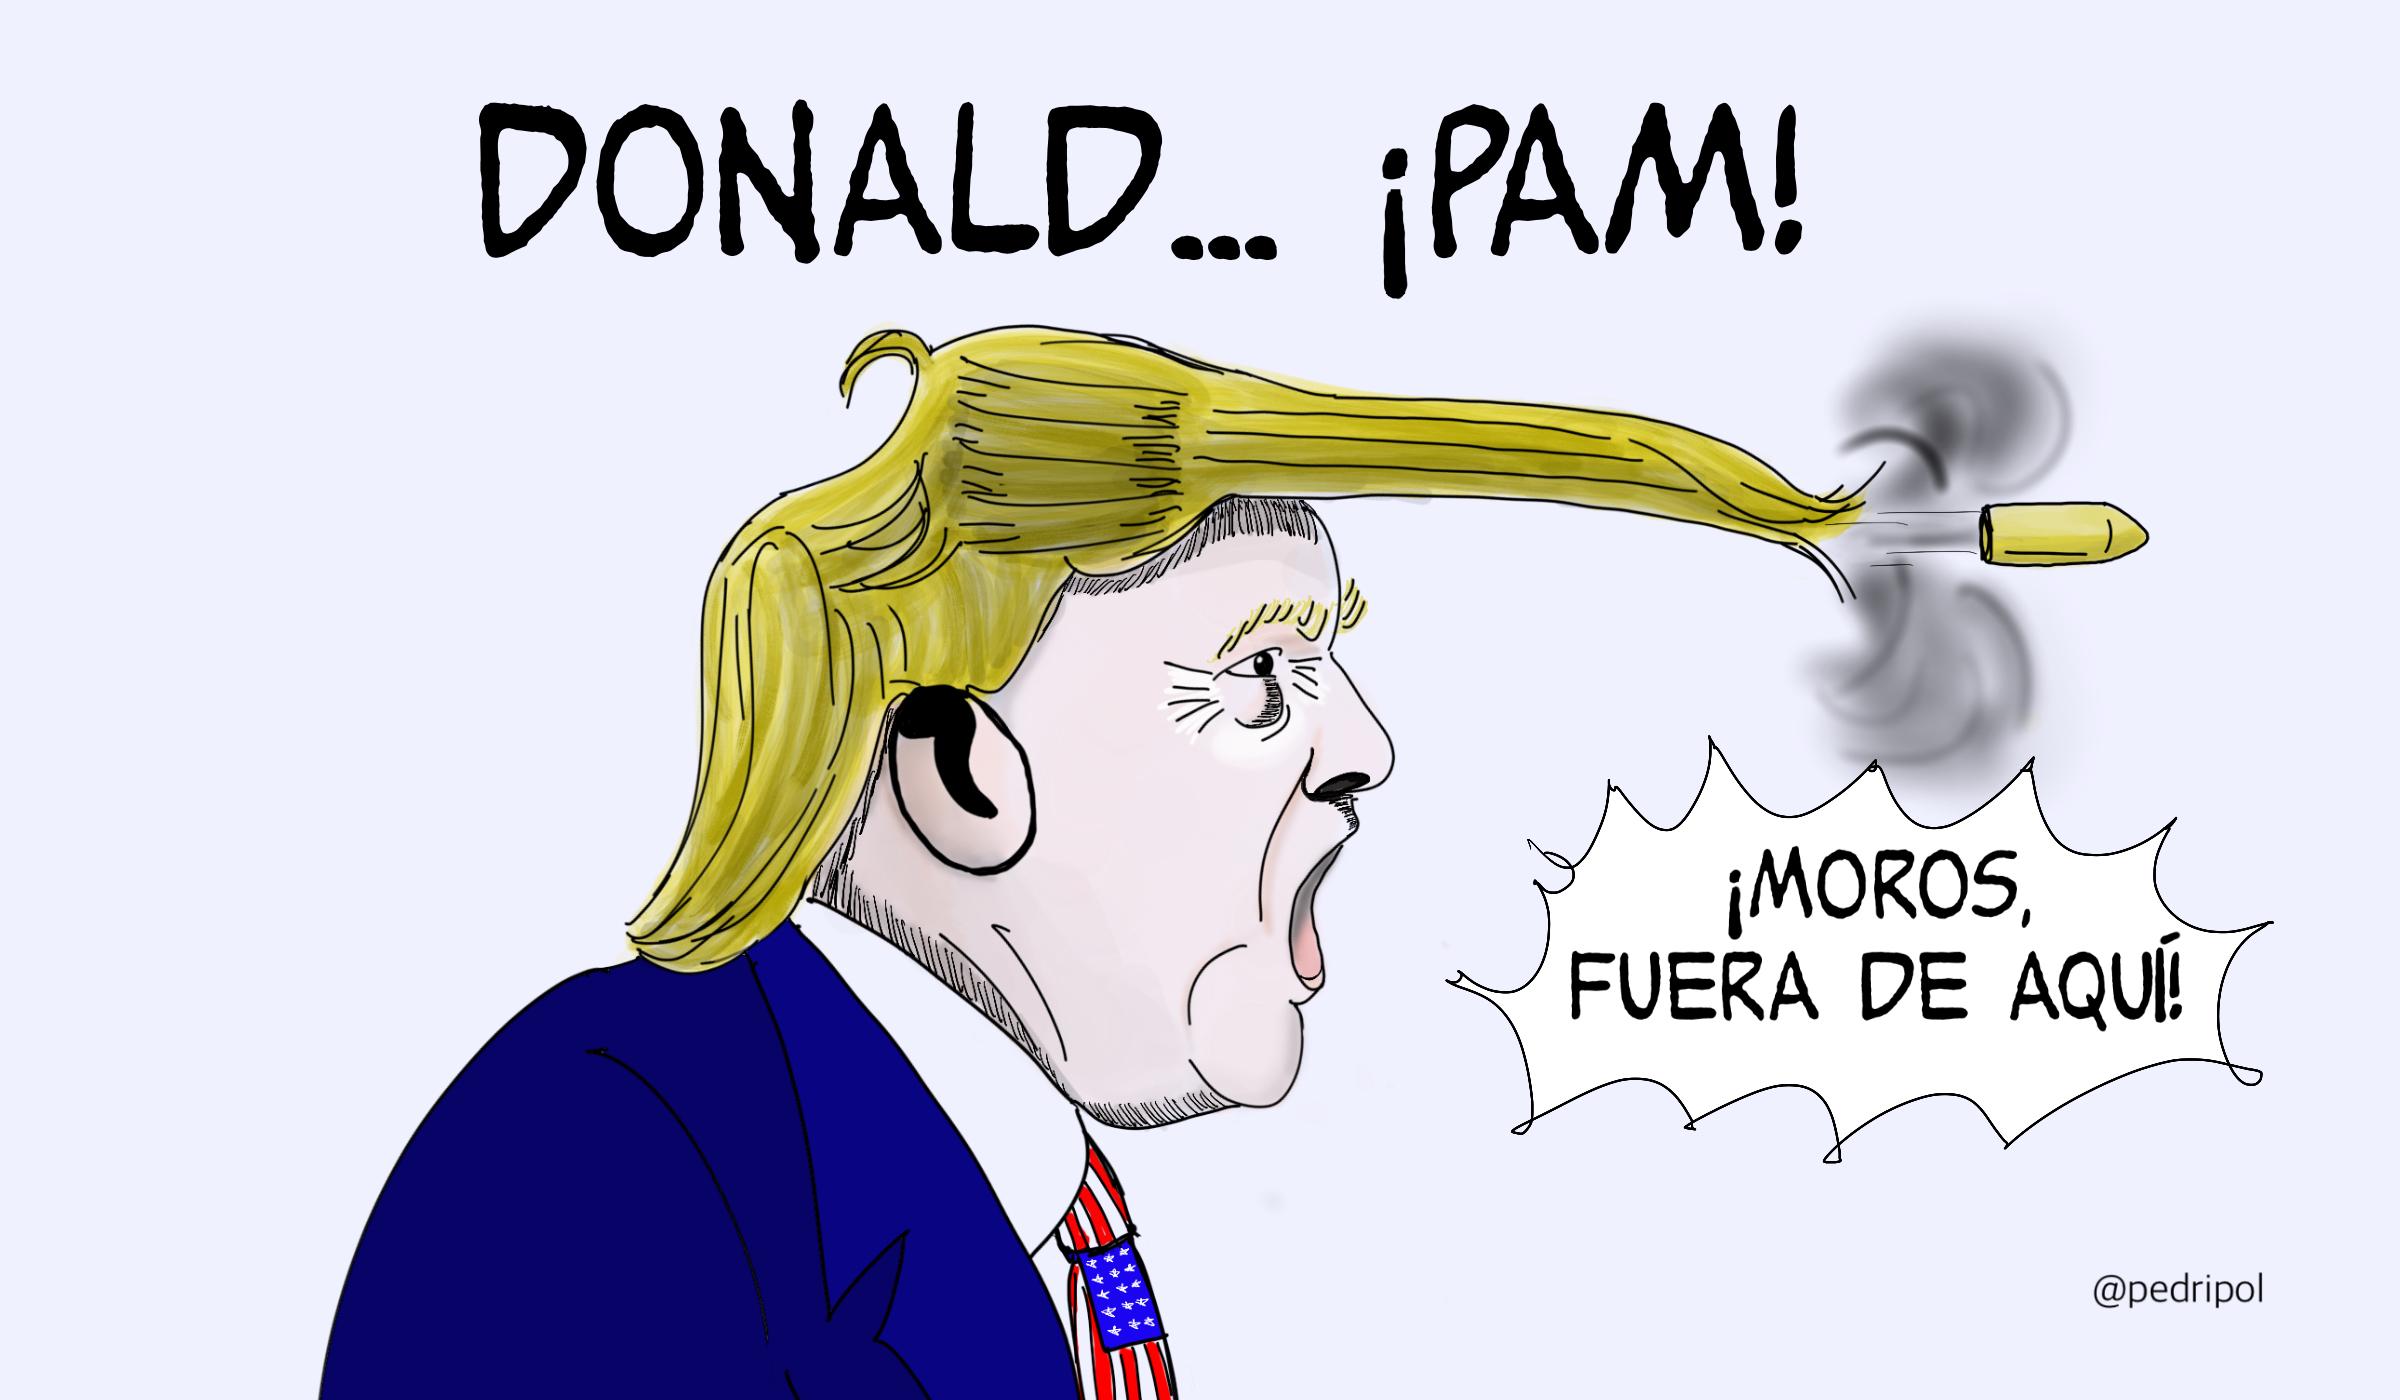 Donald... ¡PAM!